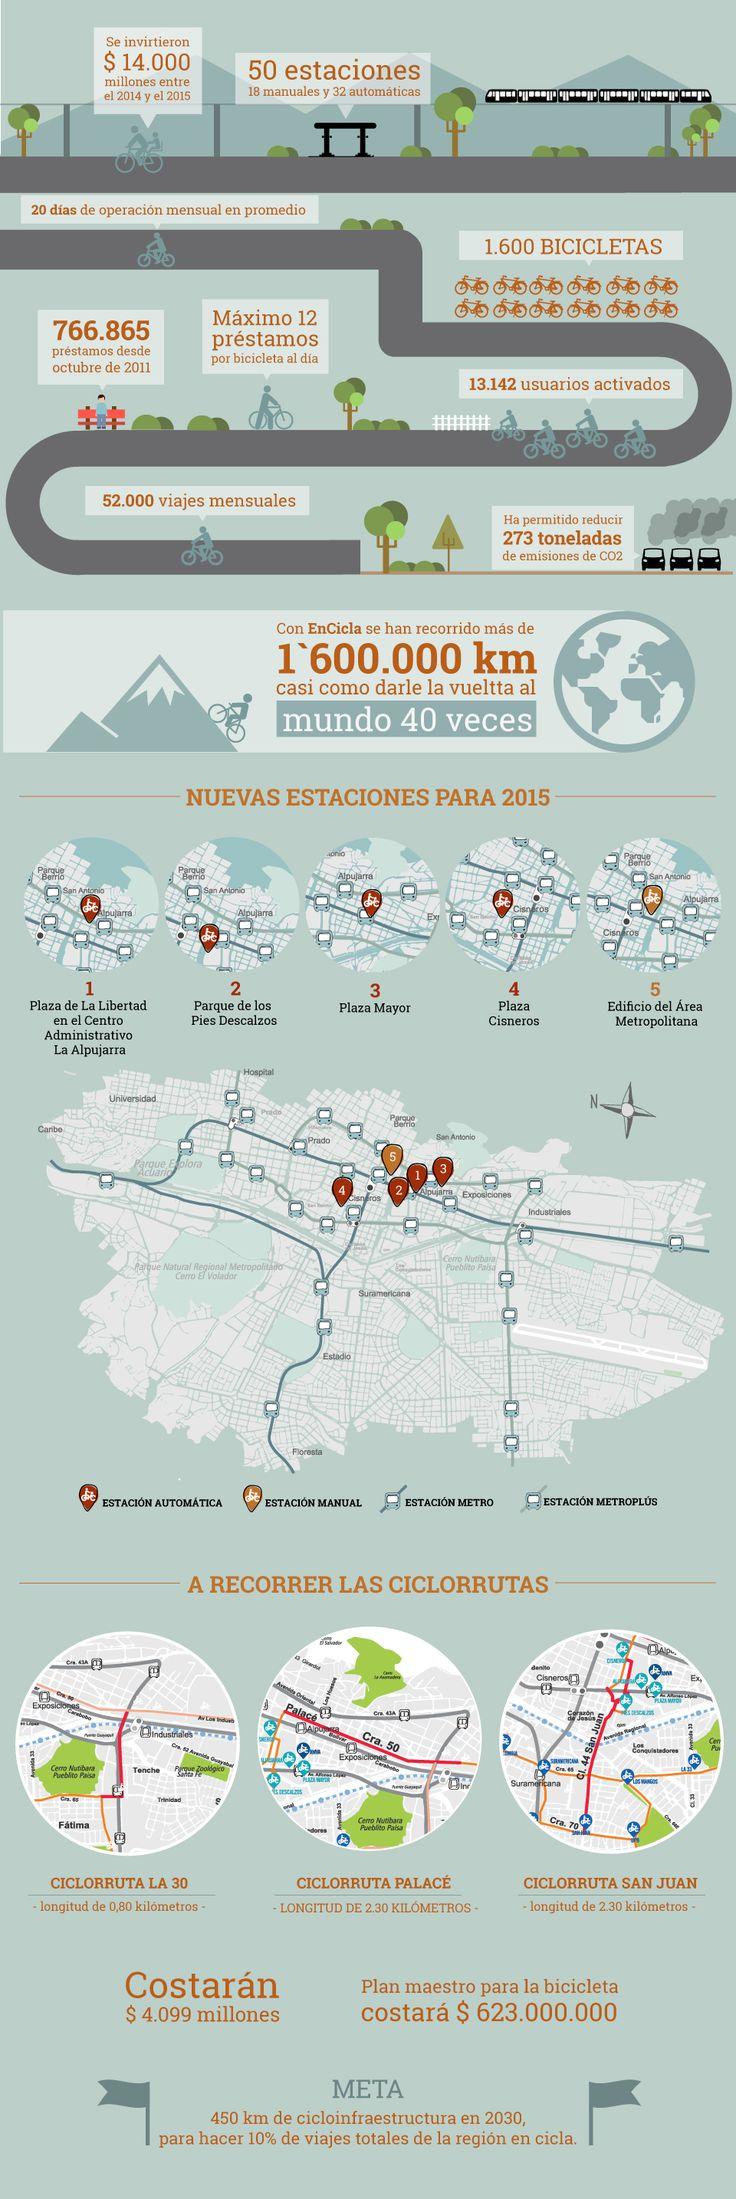 Bicicletas públicas: así es la movida en Medellín http://www.eltiempo.com/multimedia/infografias/estaciones-para-bicicletas/15303915